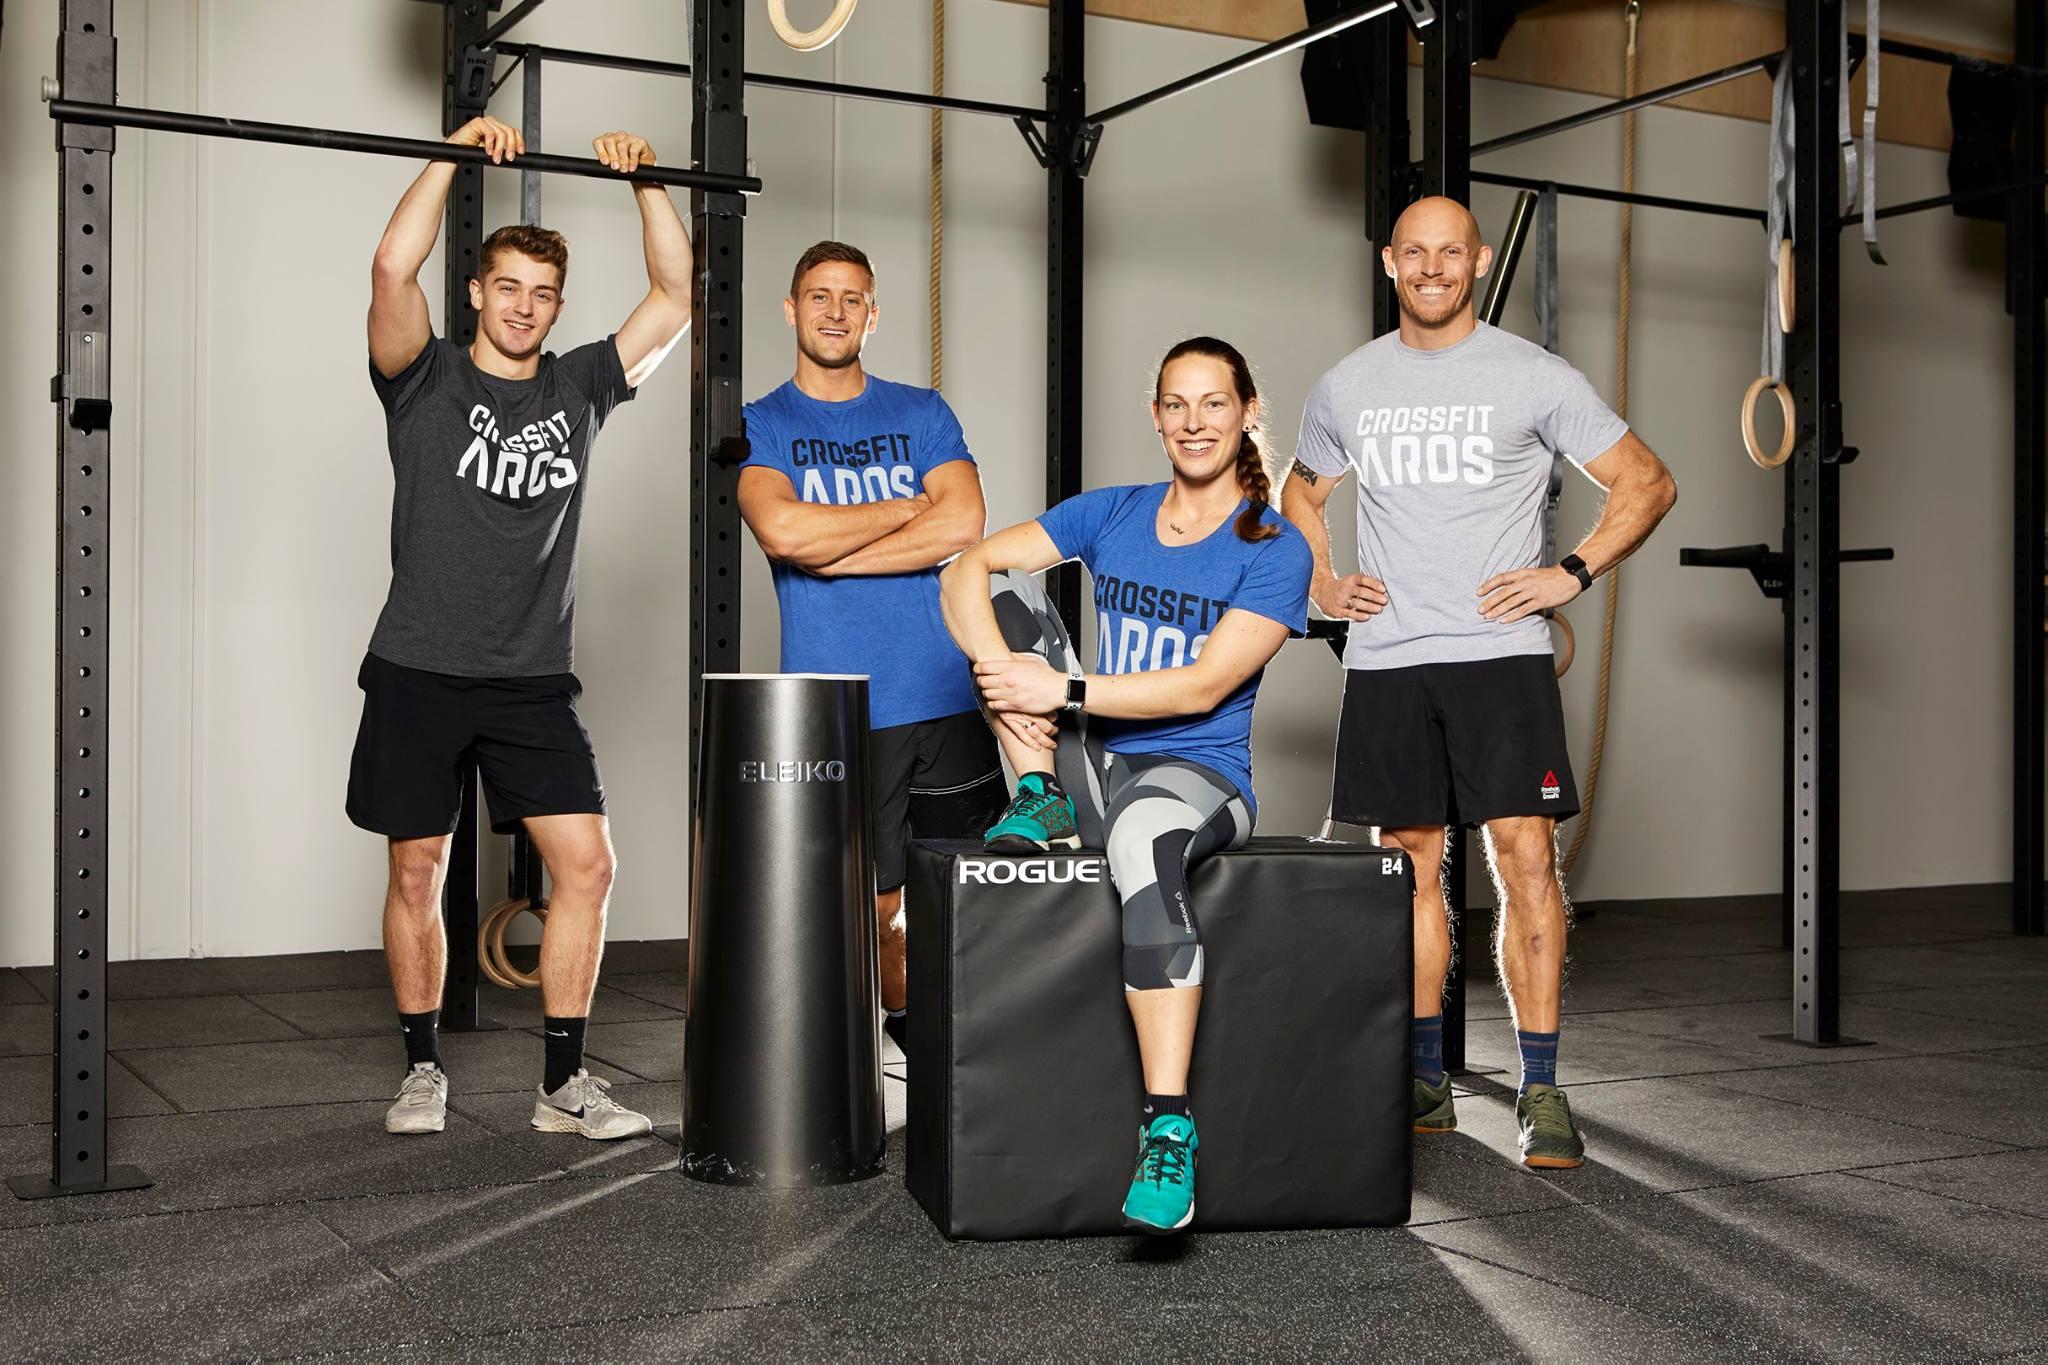 Crossfit Aros, CrossFit center